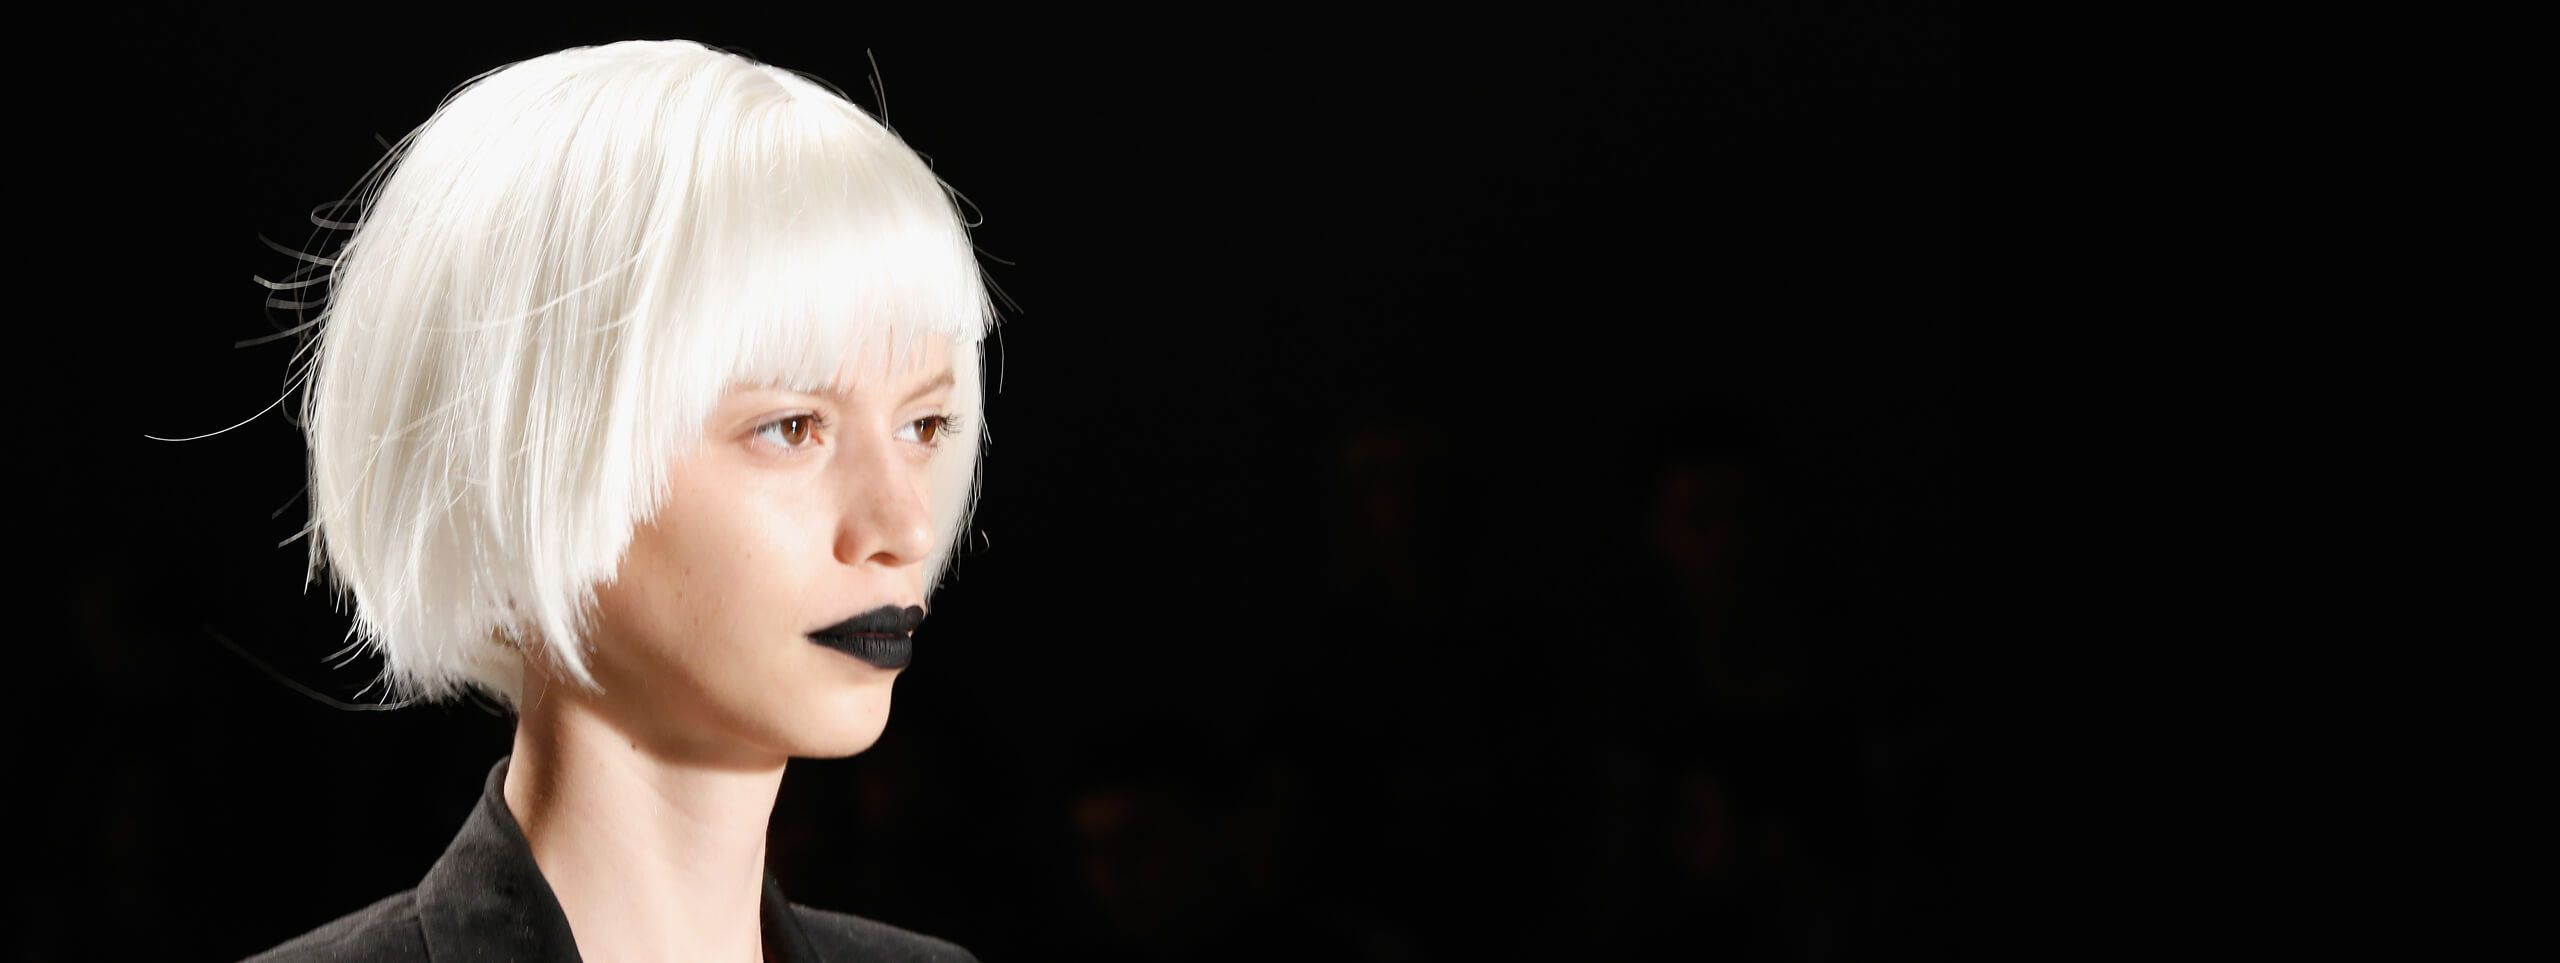 Modelka o krótkich białych włosach i czarnych ustach